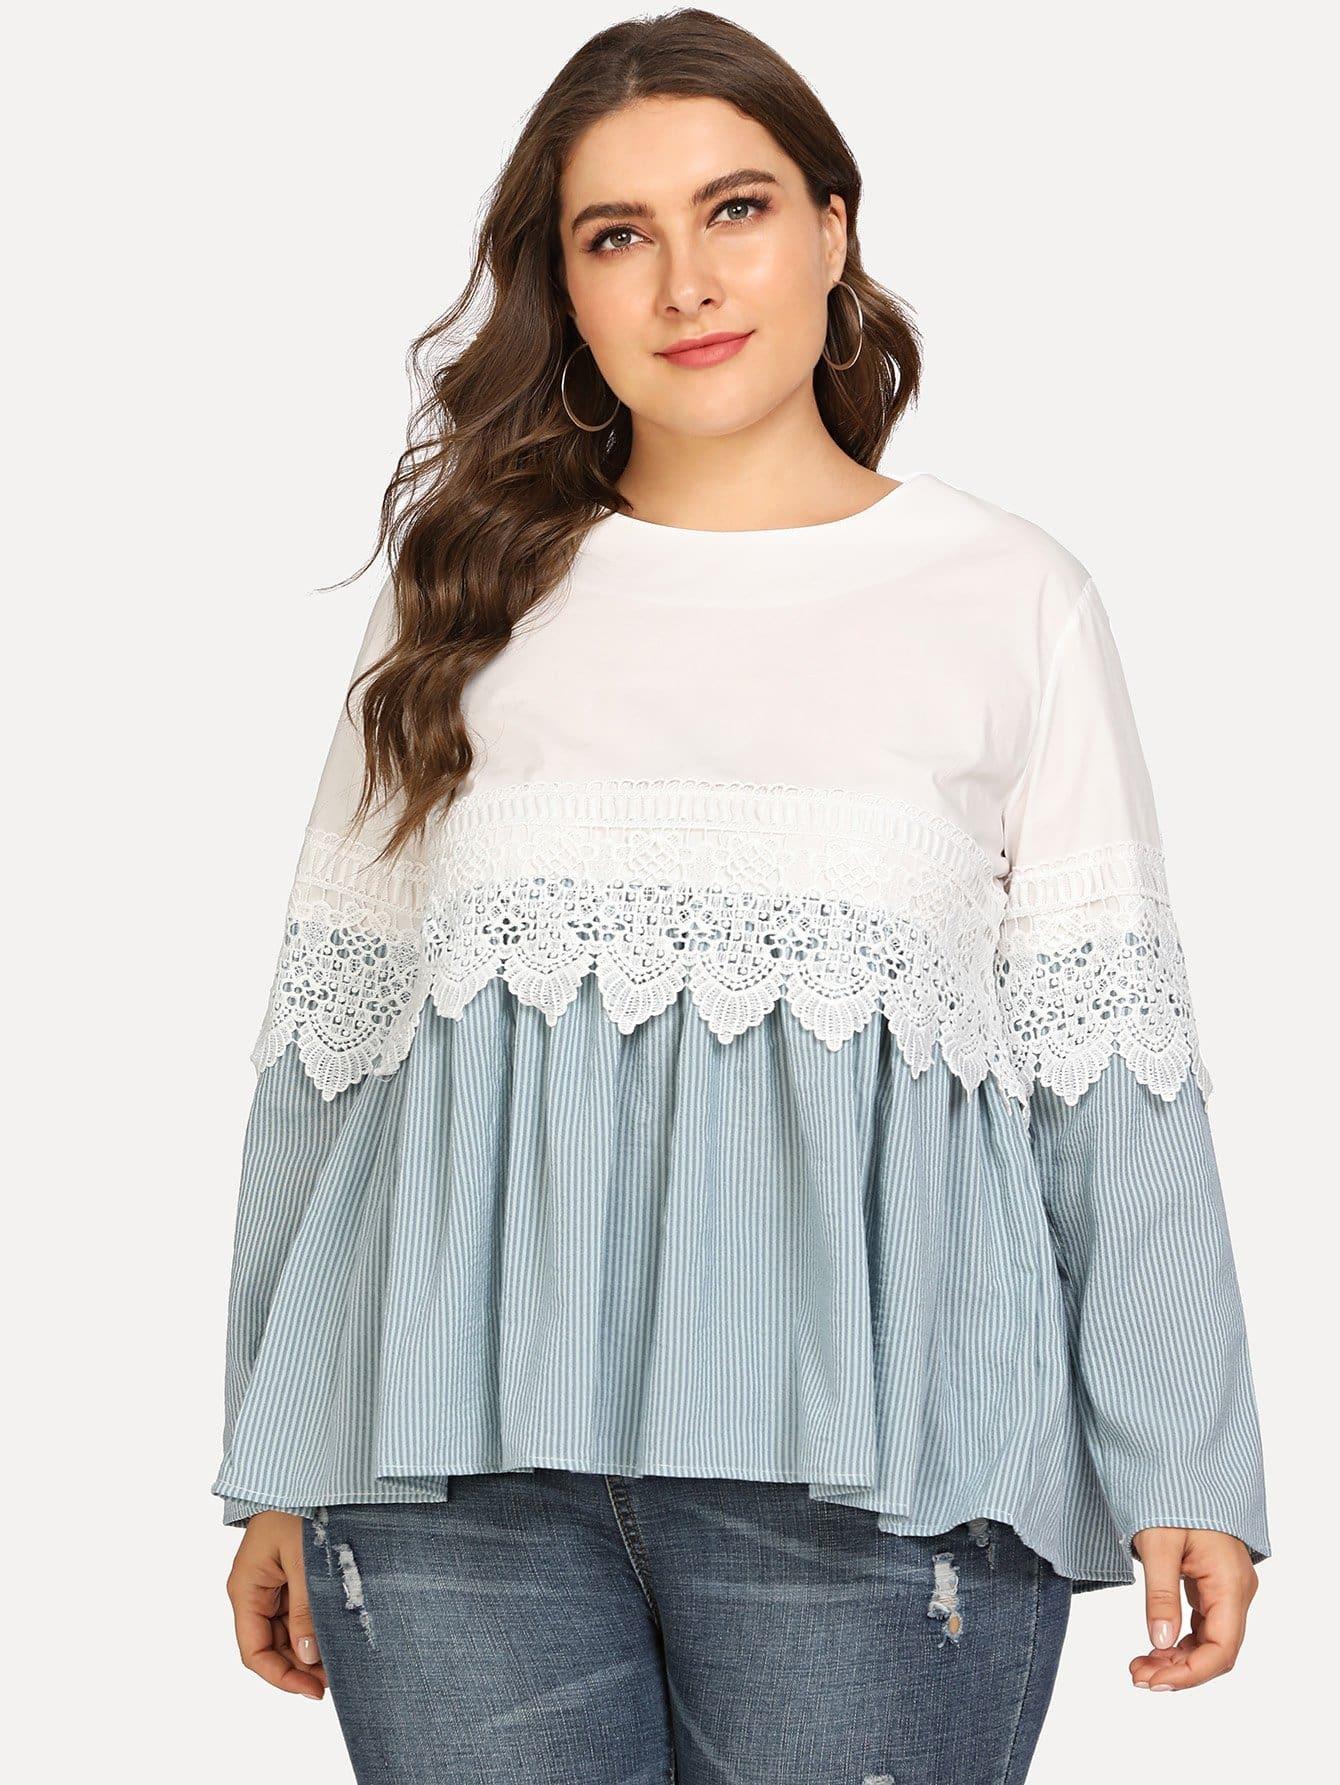 Купить Большая полосатая блузка и подол с розеткой, Franziska, SheIn